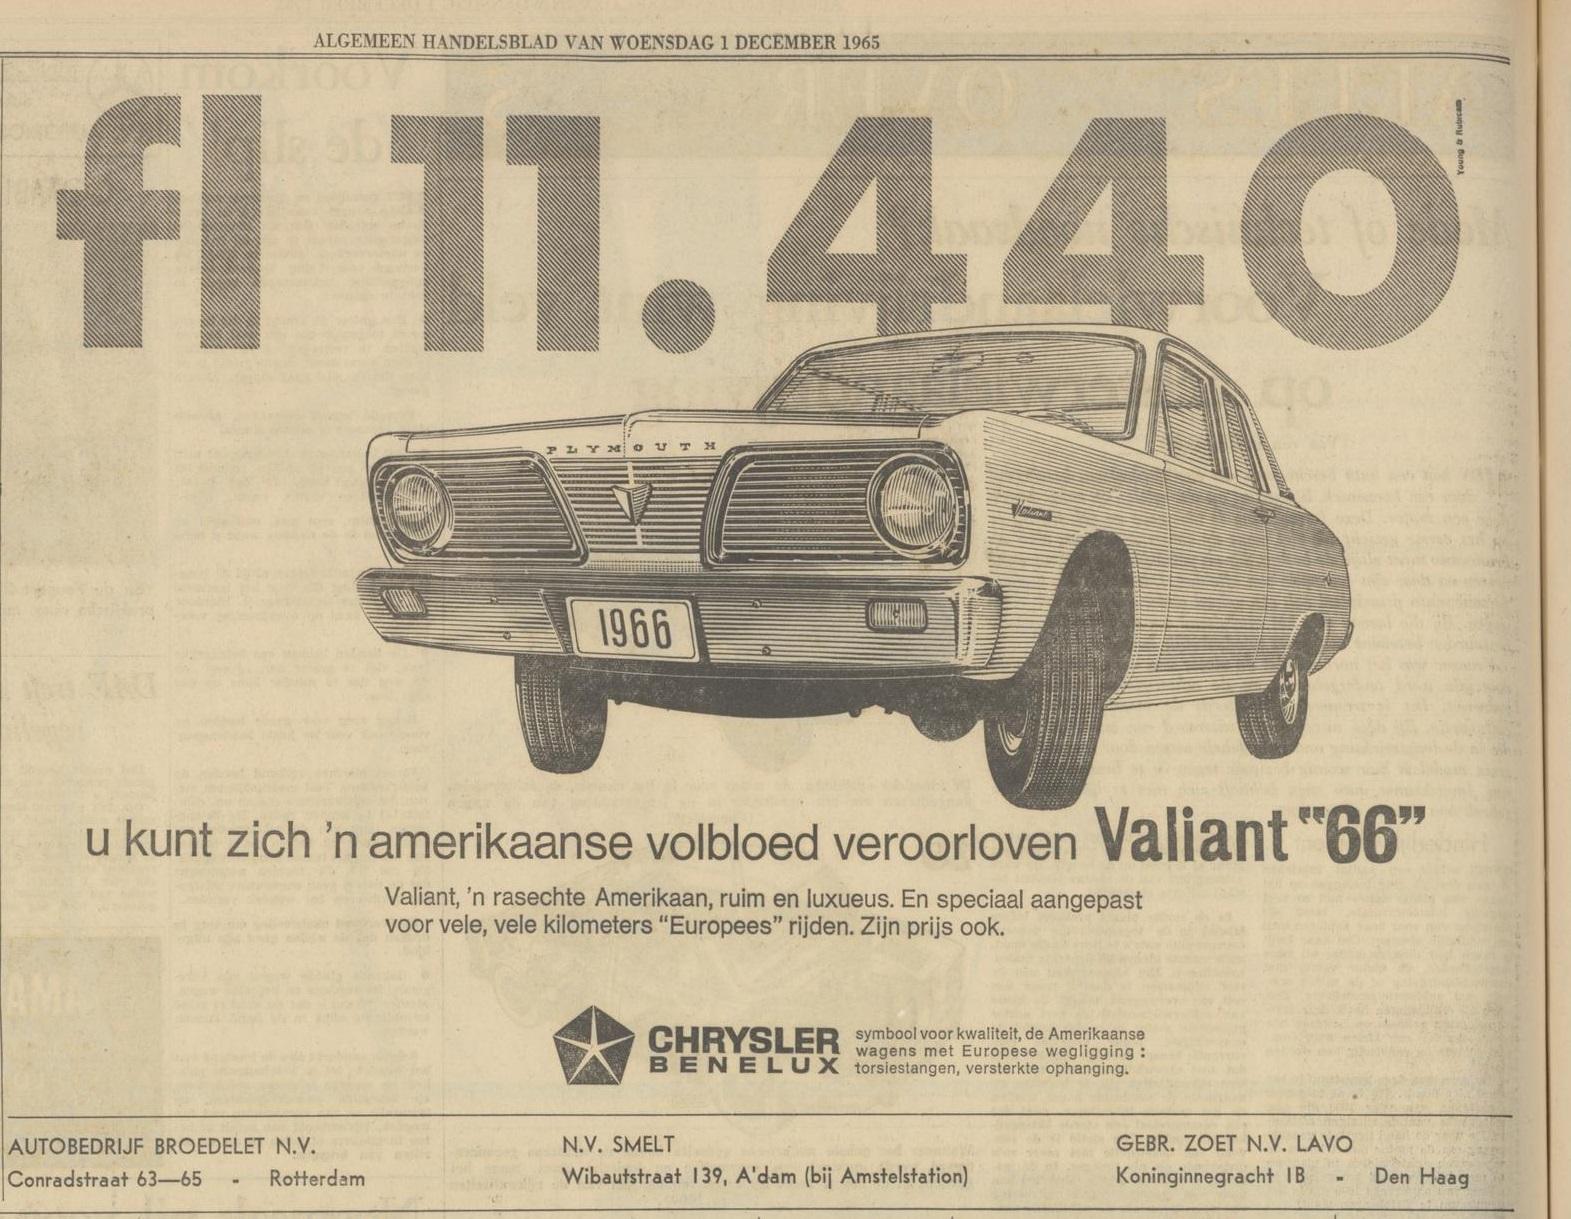 1965 1 dec algemeen handelsblad